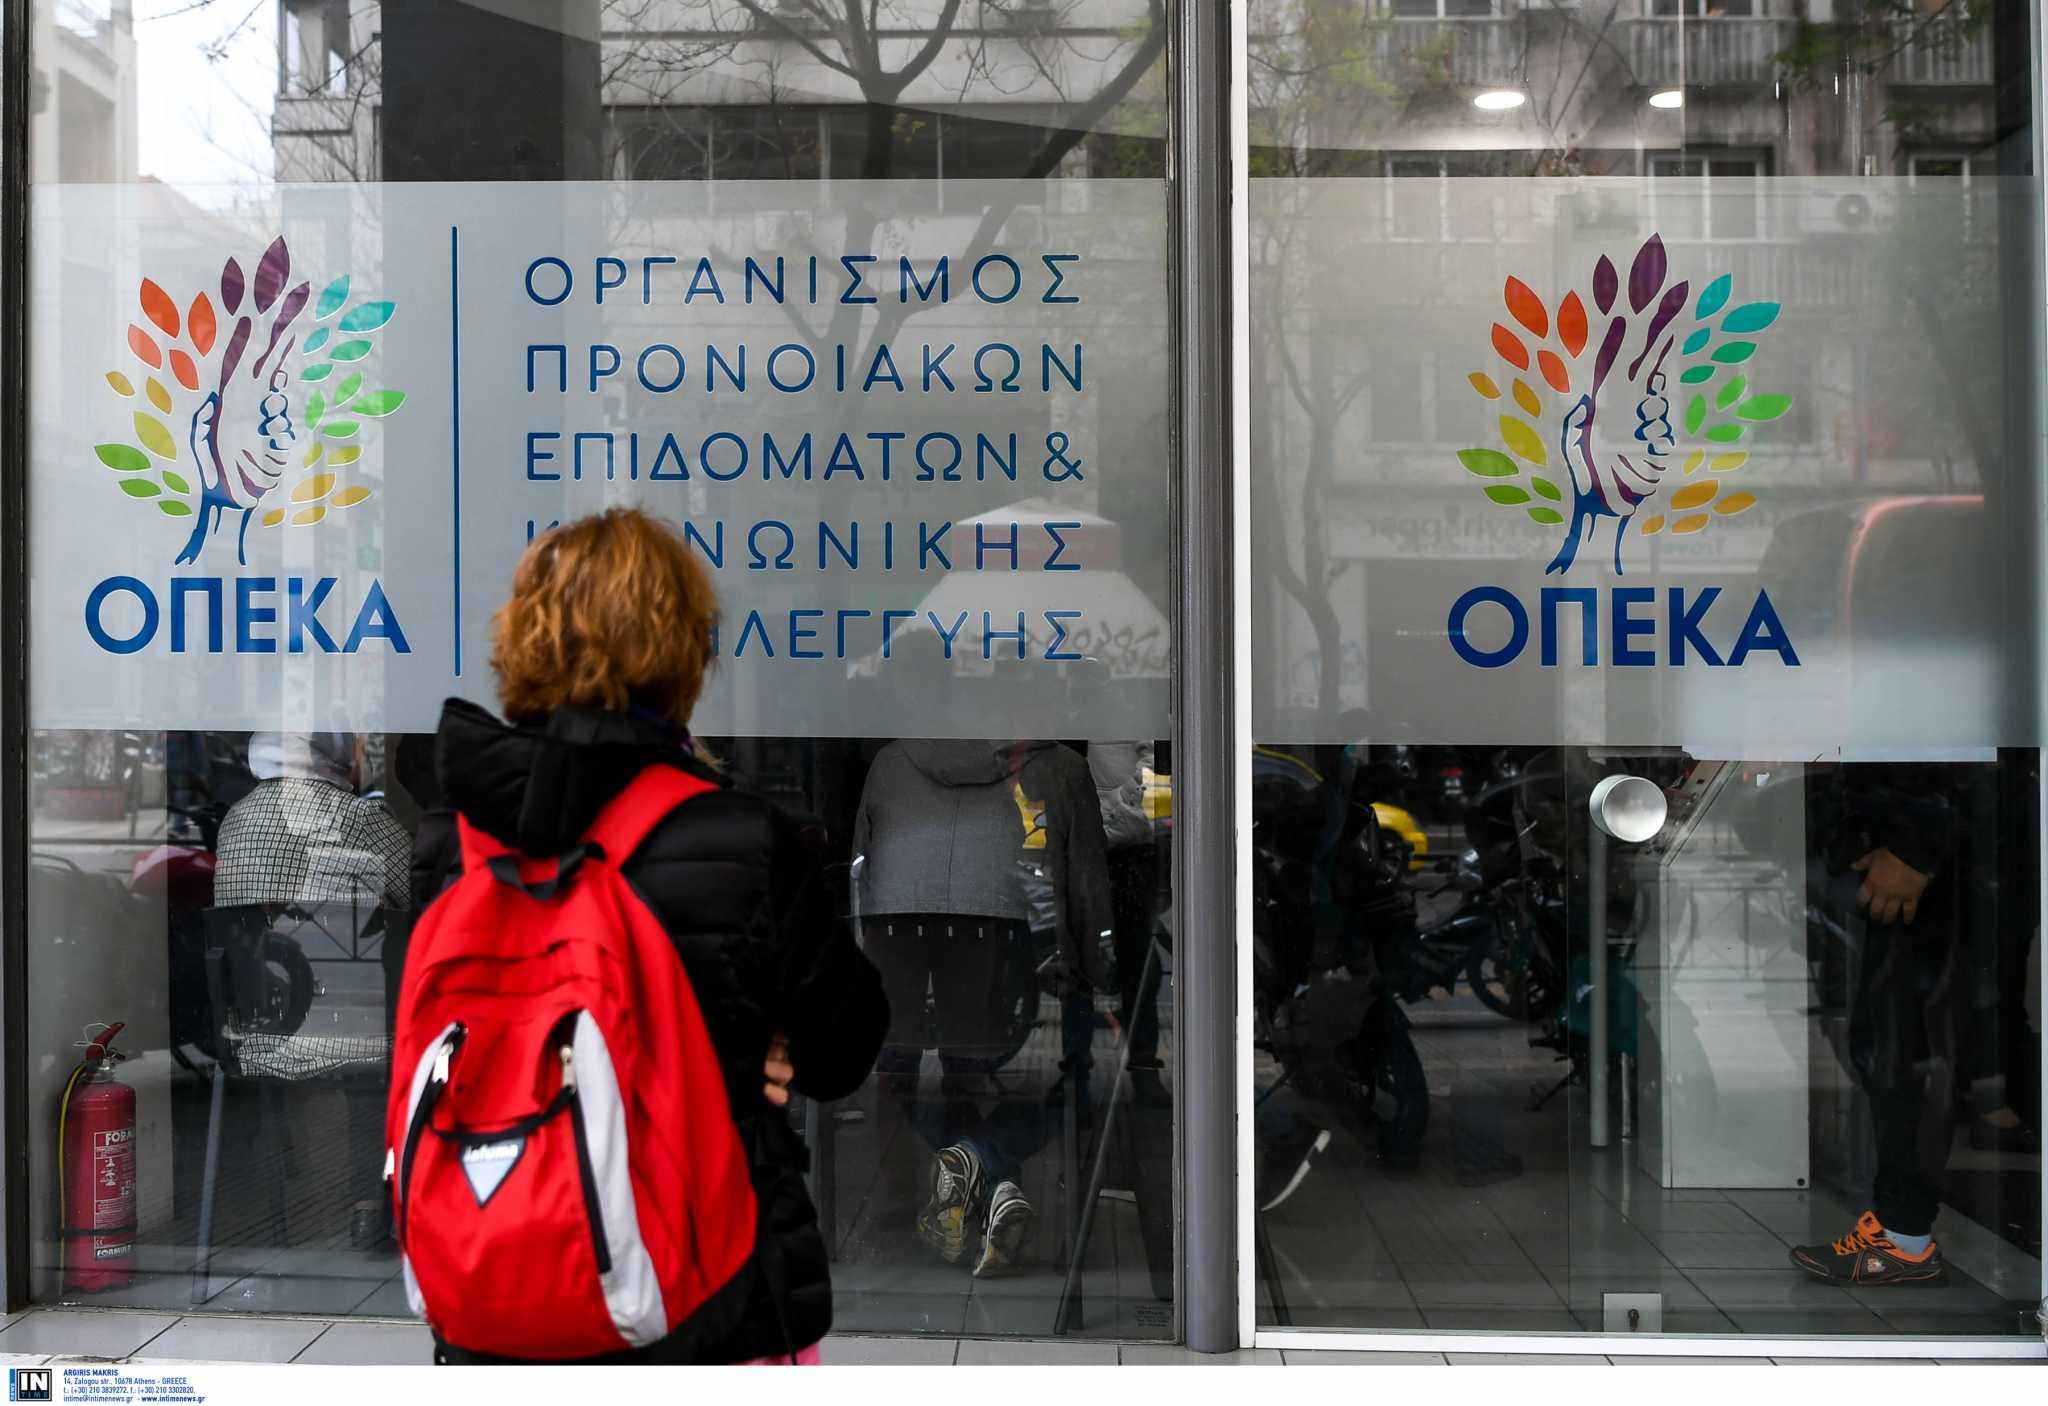 Επίδομα παιδιού: Άνοιξε η πλατφόρμα του ΟΠΕΚΑ για τις αιτήσεις